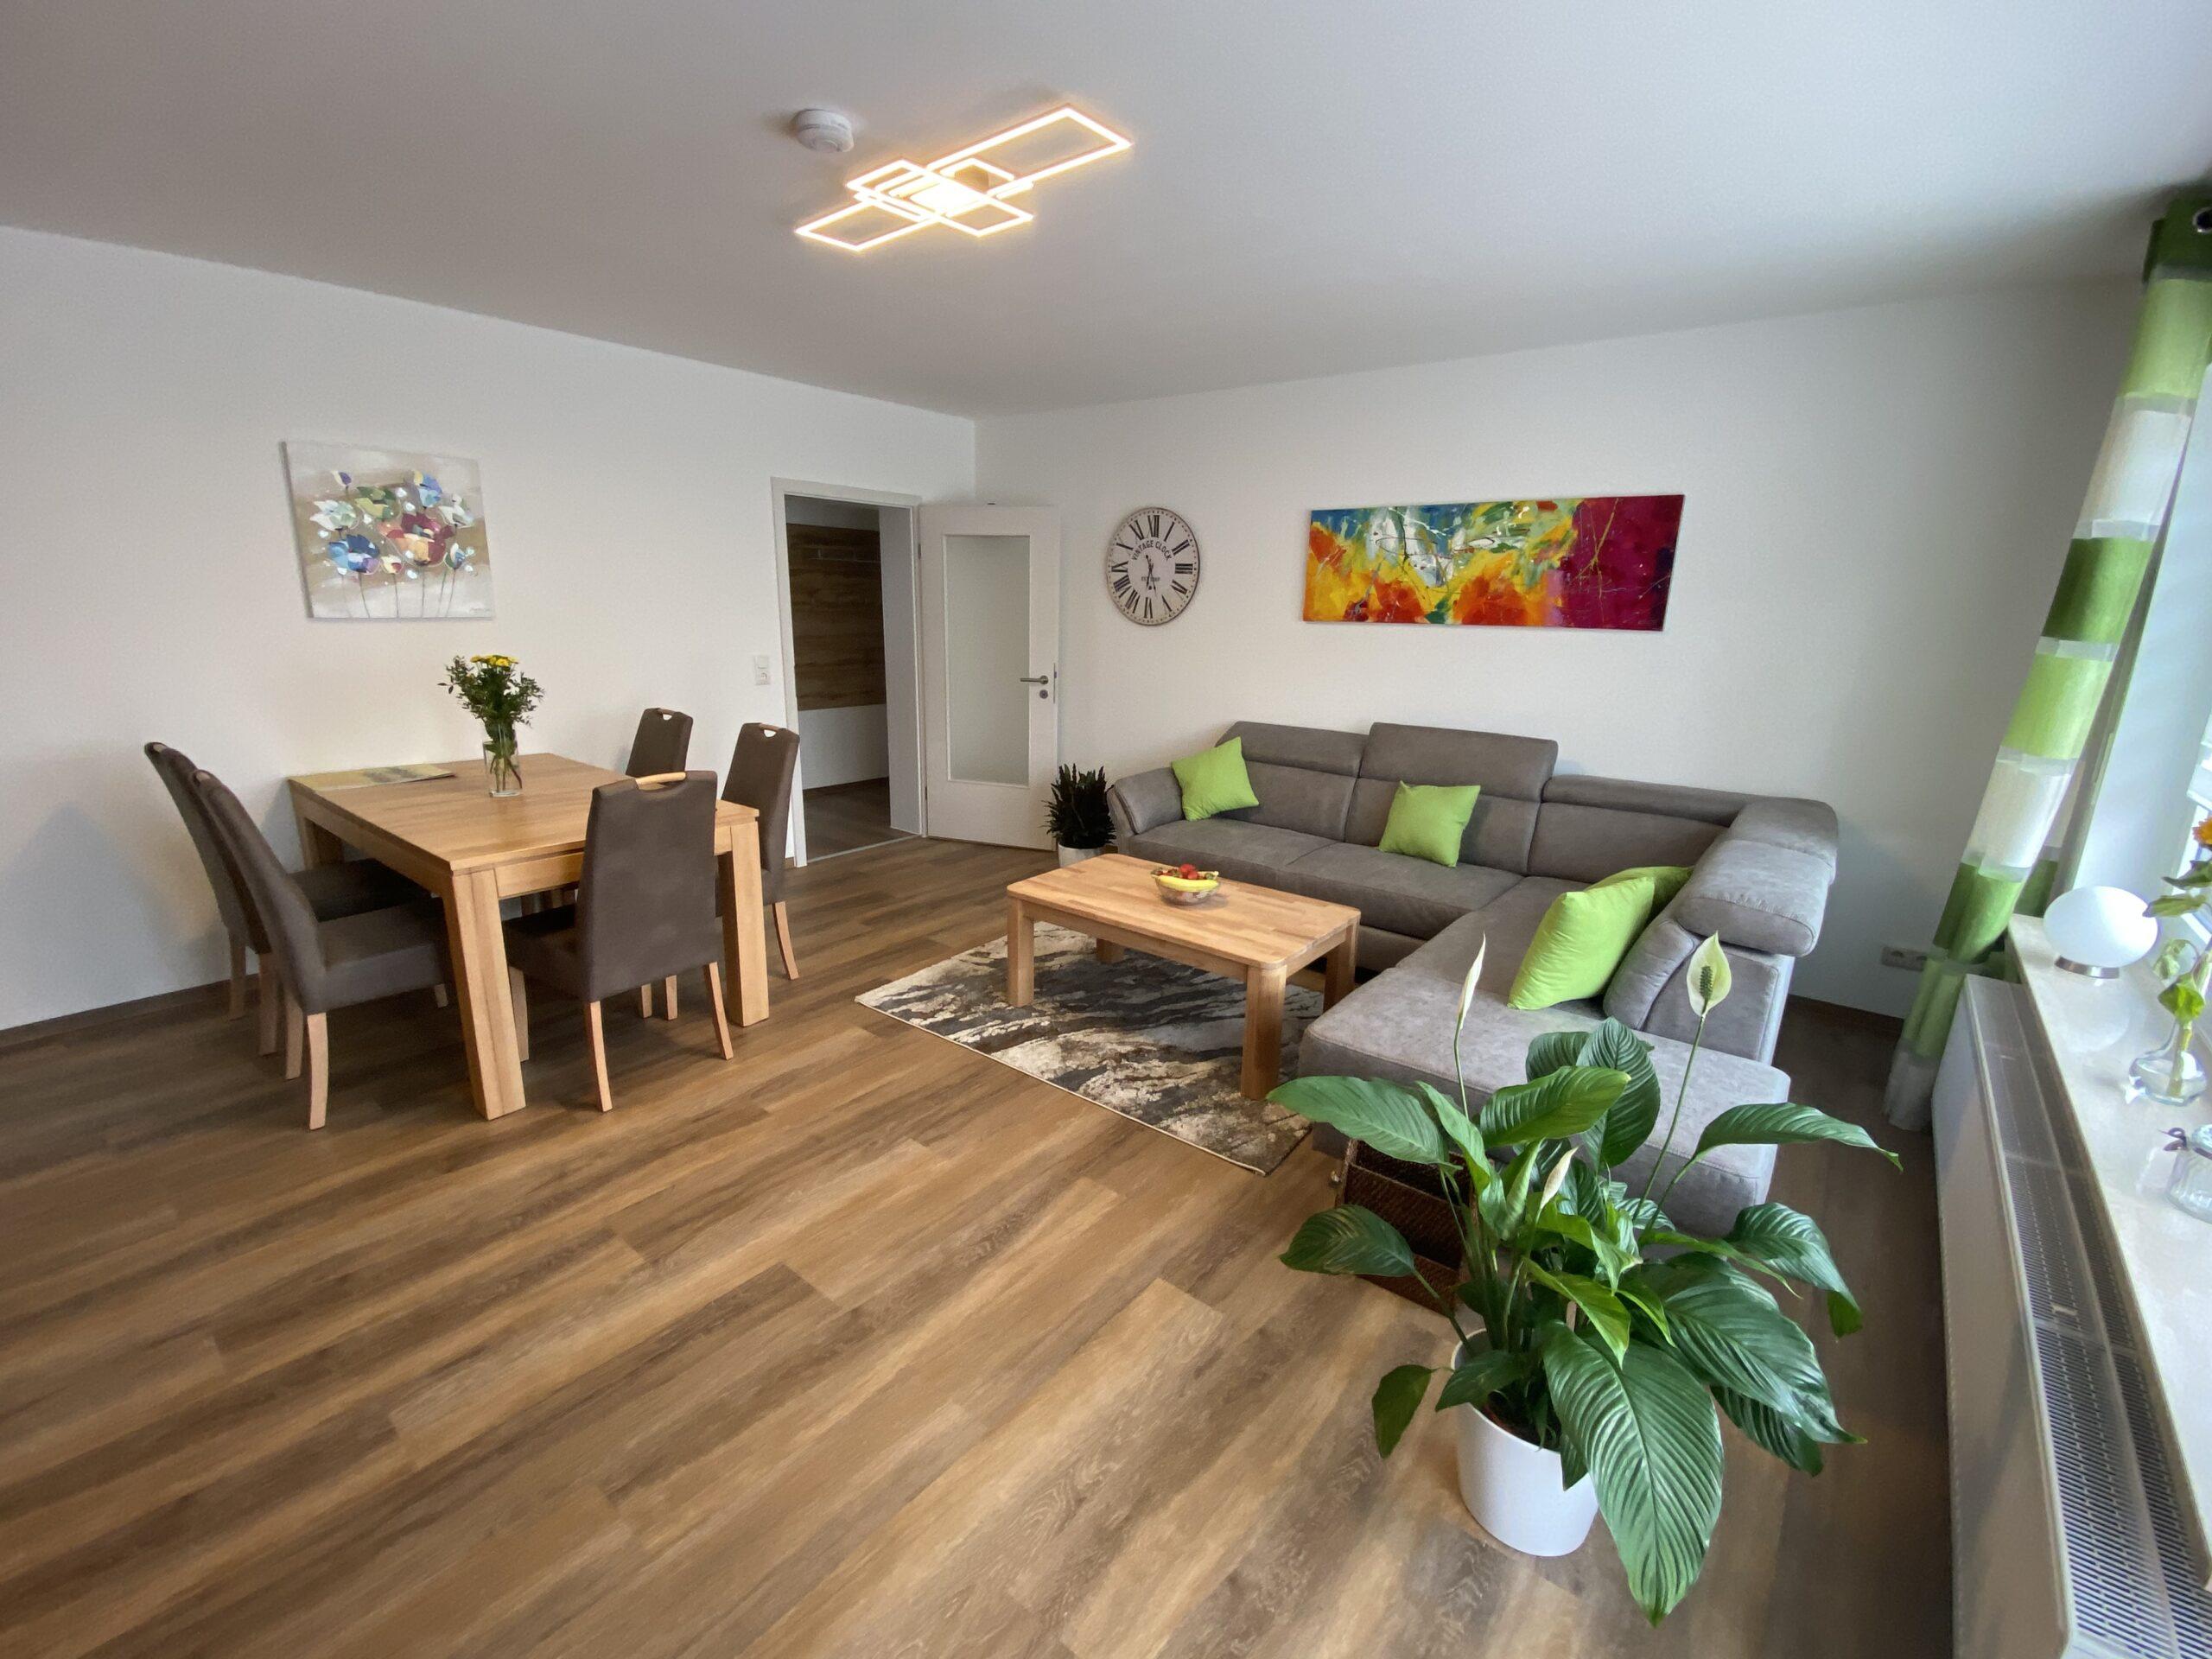 AISCHGRUNDFLAIR - Wohnbereich